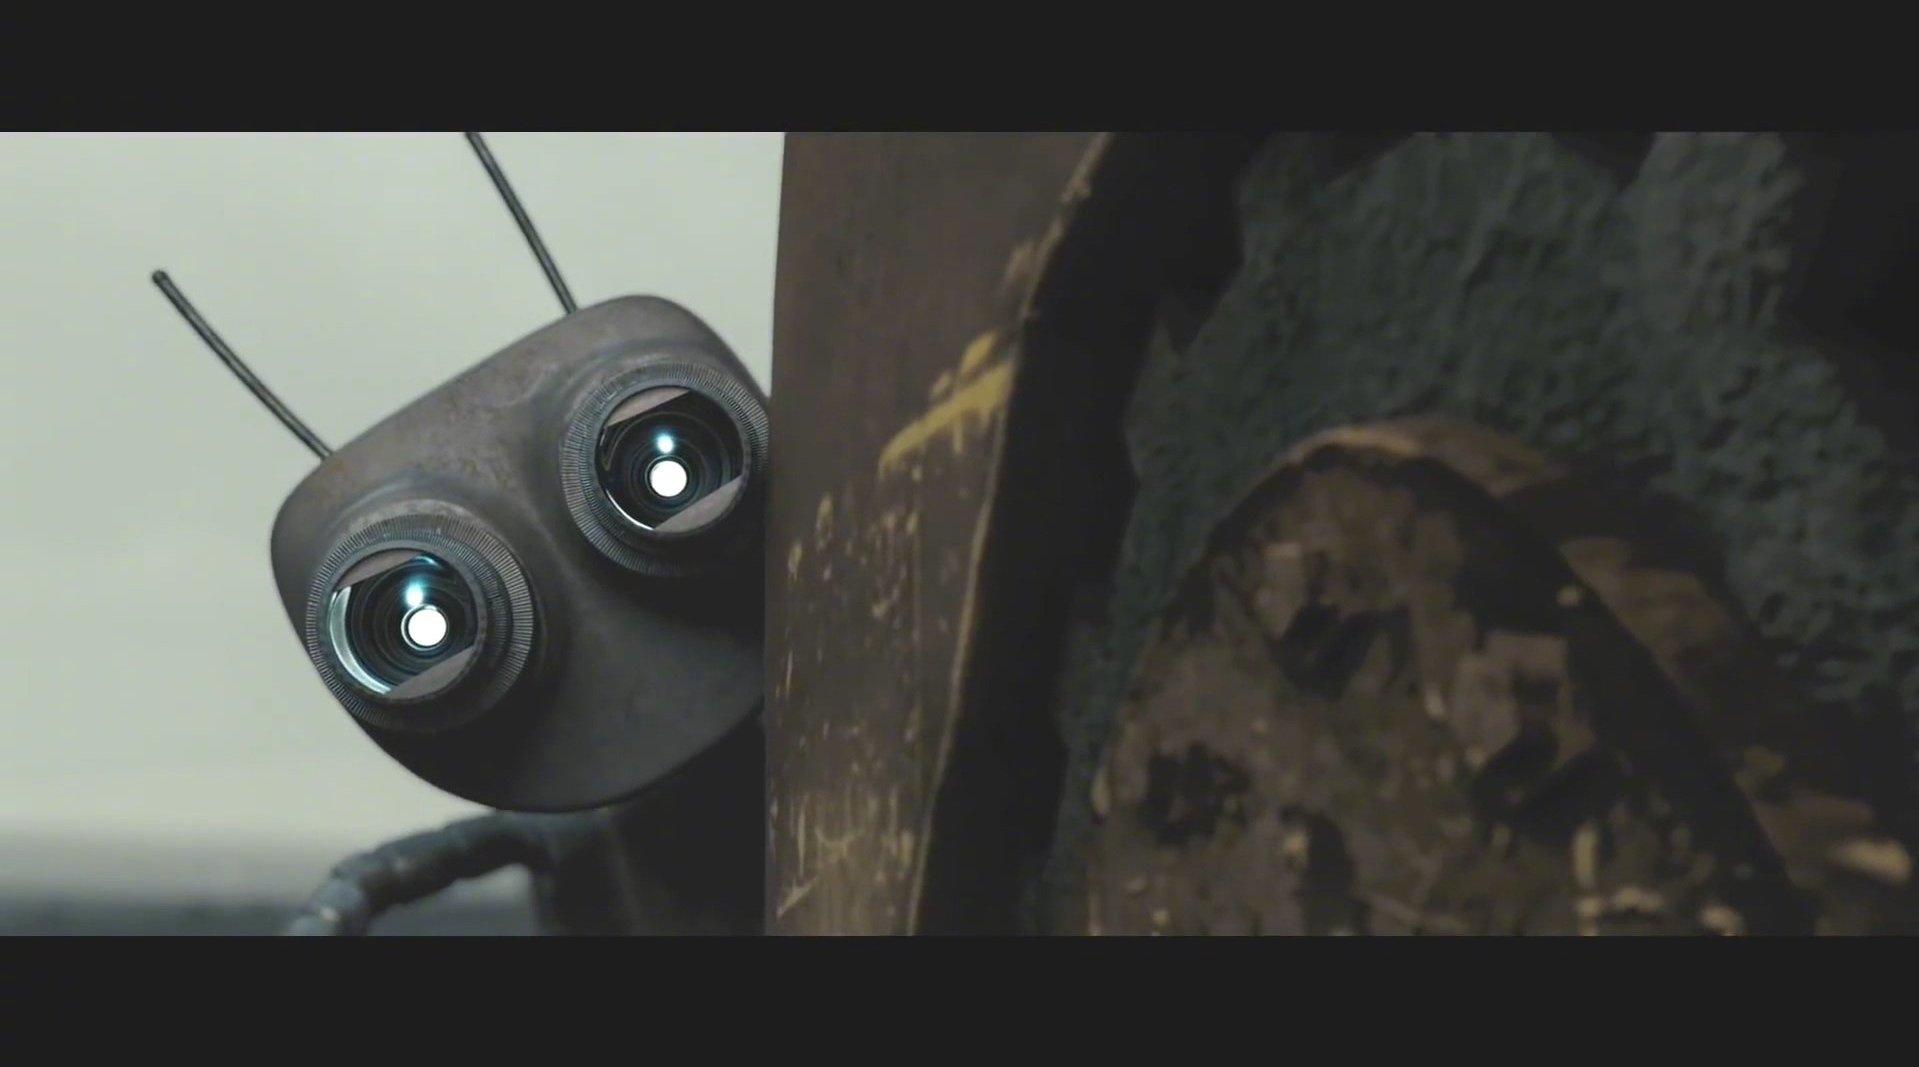 CG科幻短片《采矿机器人》,入围30多个国际电影节和短片节大奖